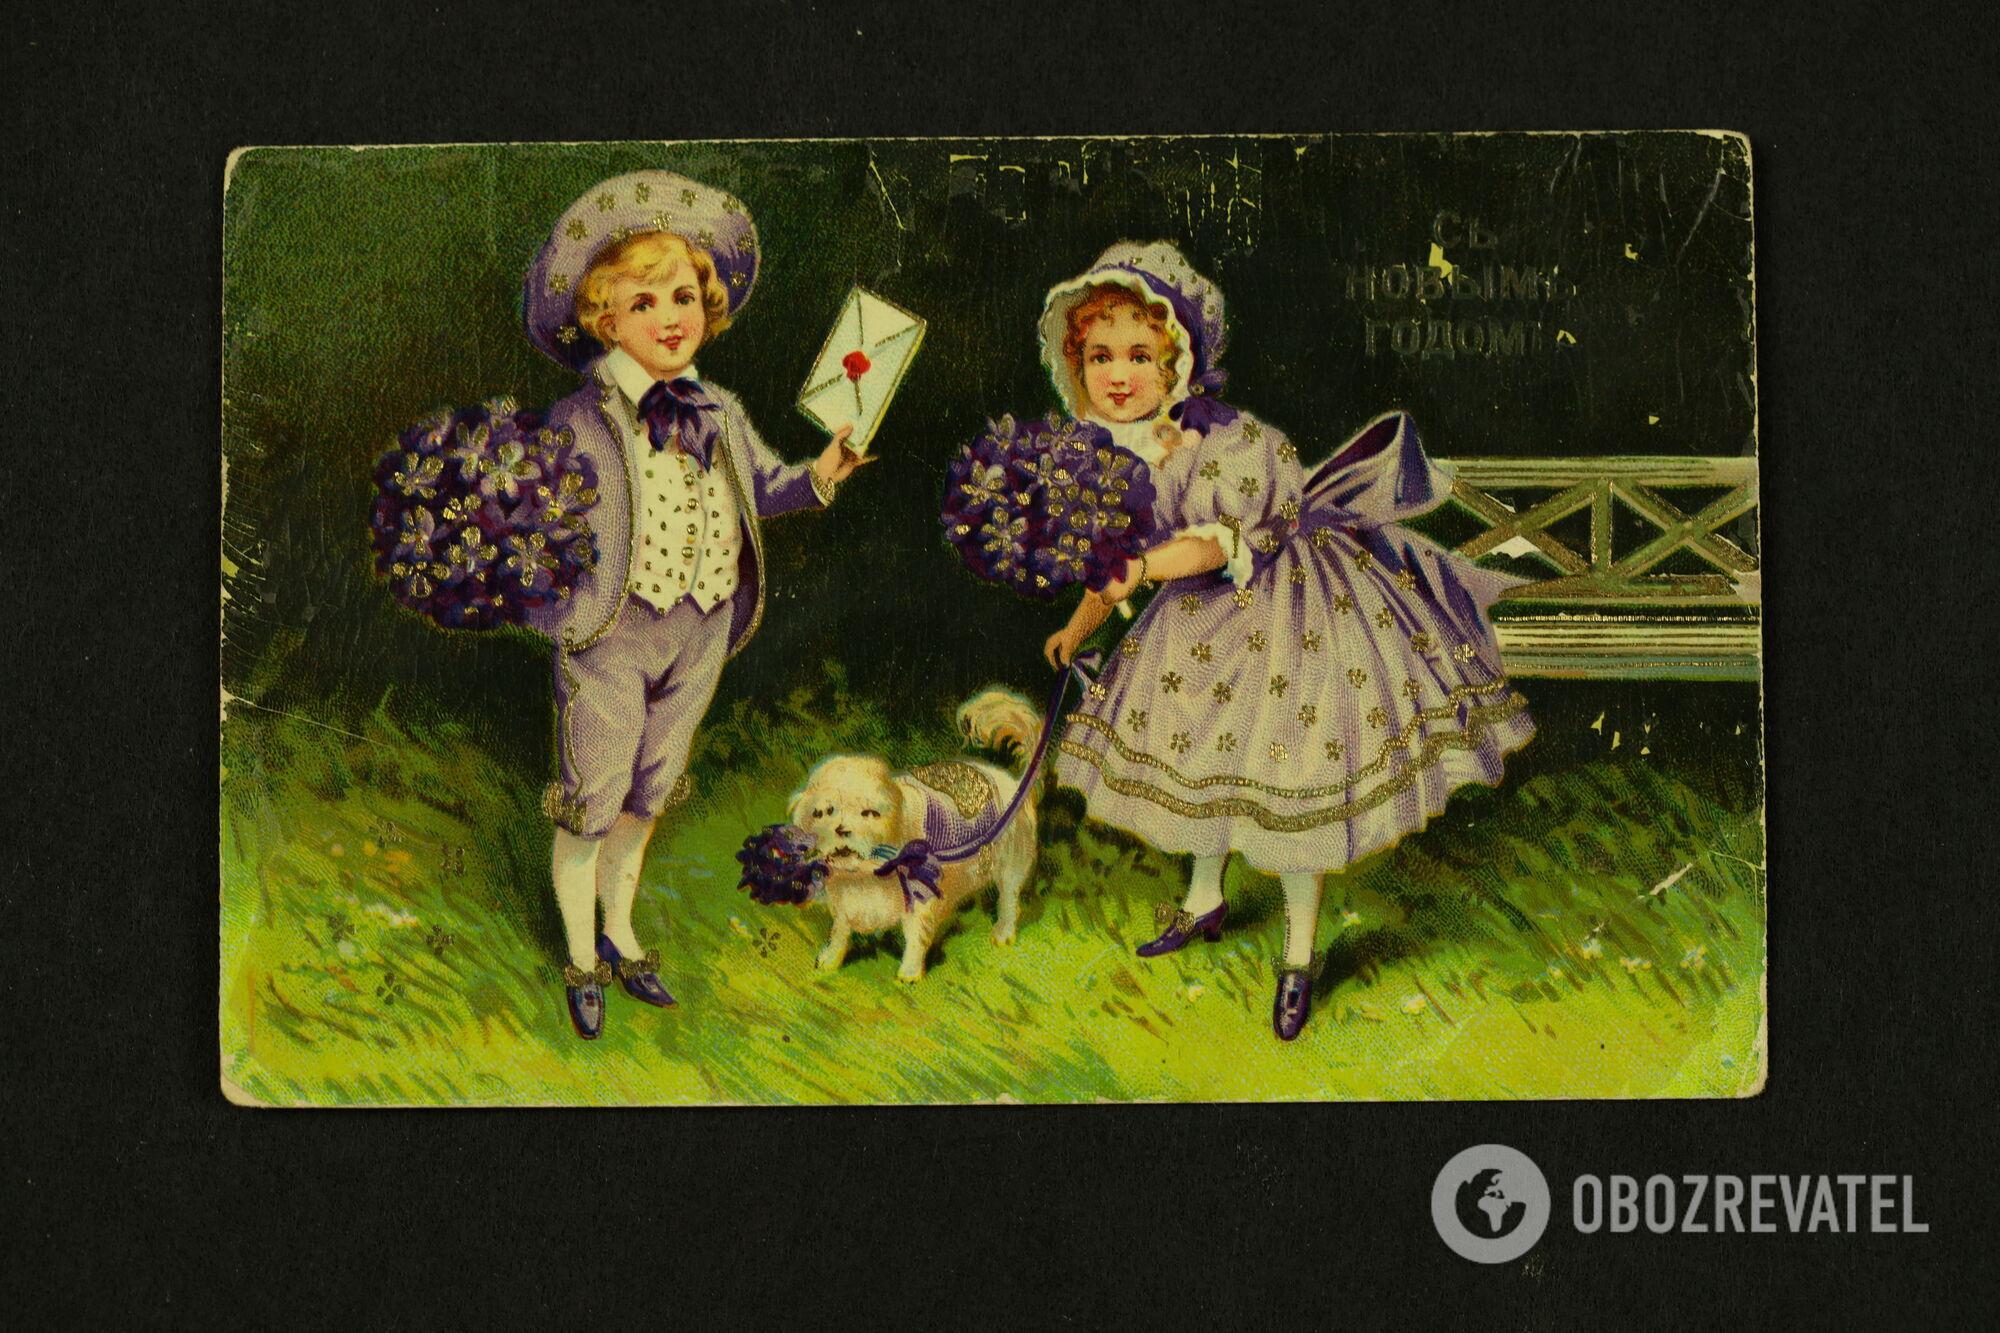 Новорічна поштова картка.